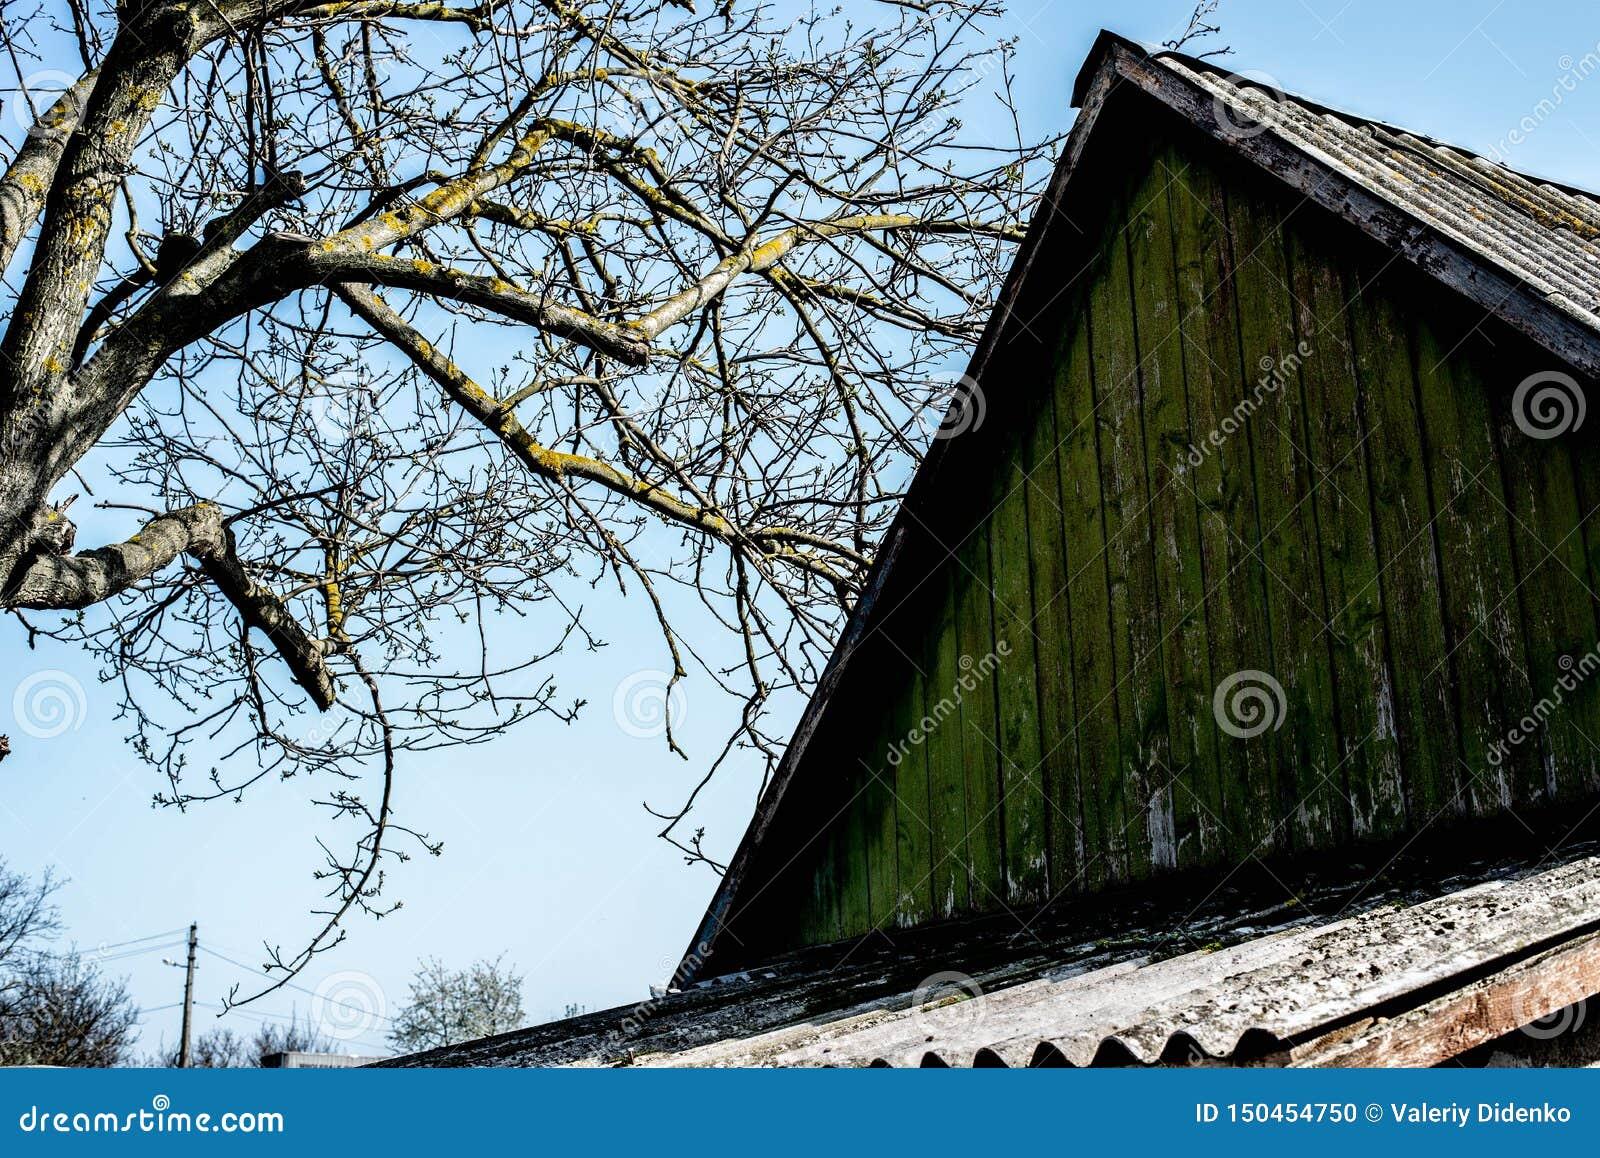 Das Dach eines alten Hauses auf dem Hintergrund des Himmels